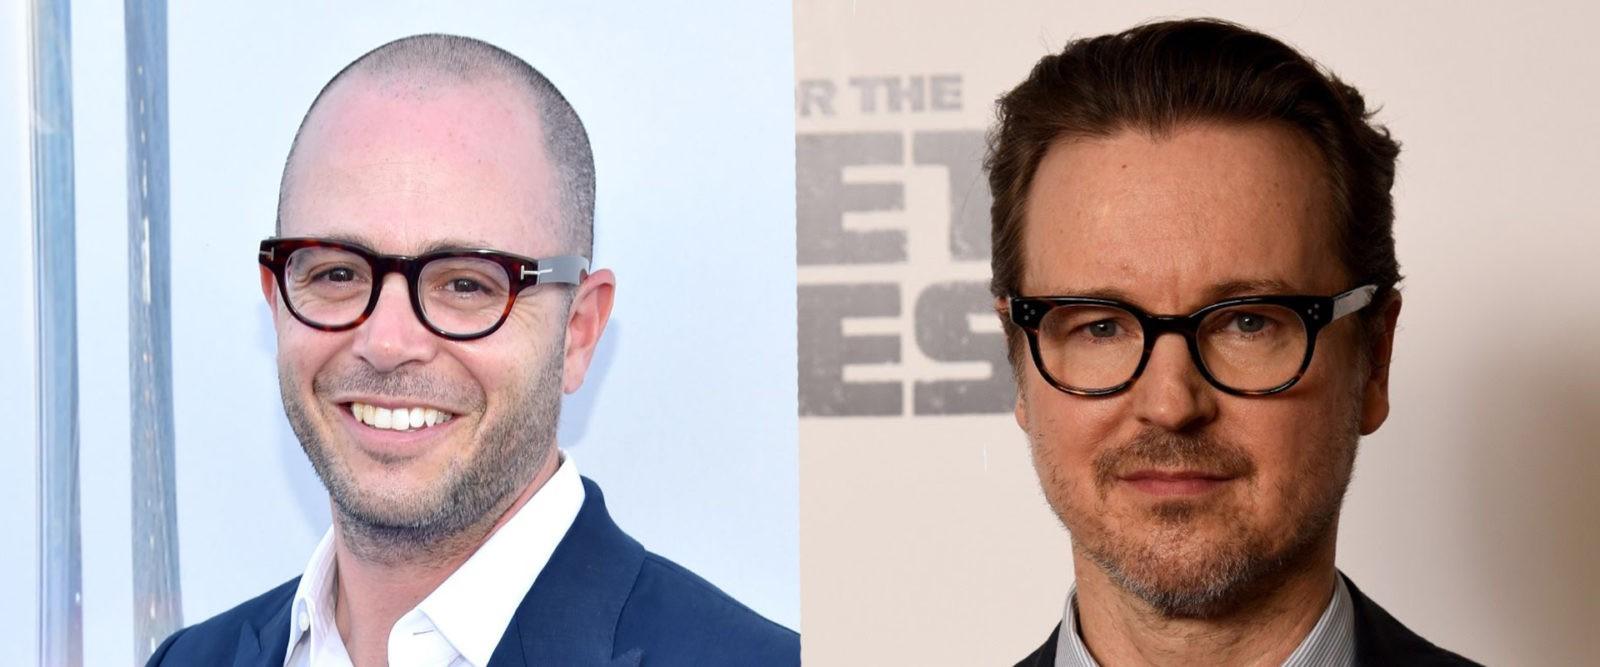 Создатели «Остаться в живых» и «Монстро» работают над медицинской фантастикой для HBO Max